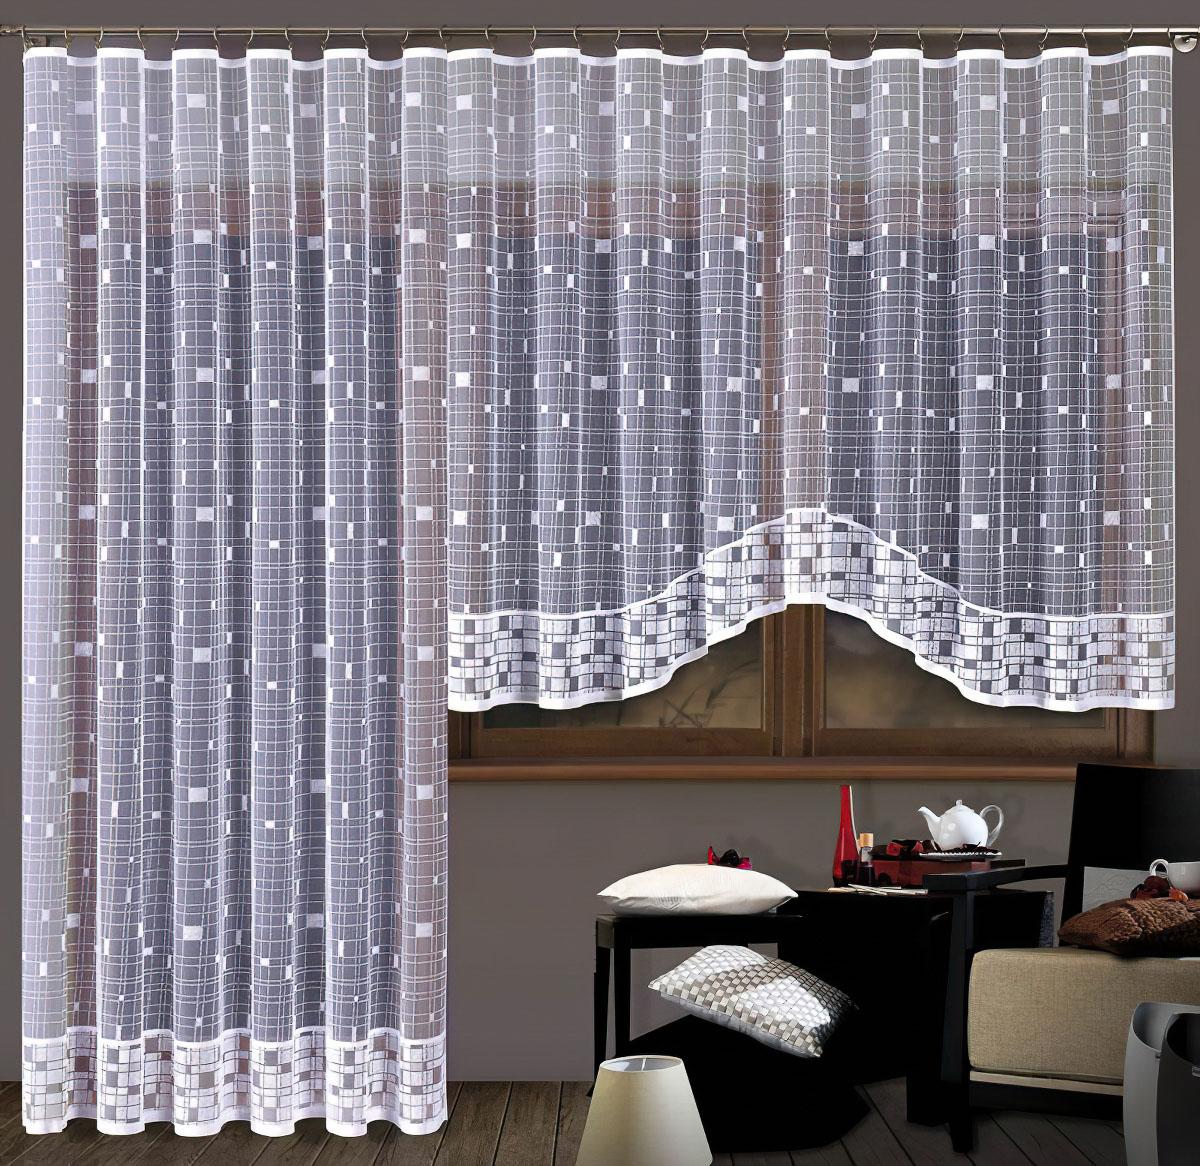 Forbyt kusová záclona VALERIA jednobarevná bílá, výška 250 cm x šířka 200 cm (na dveře)